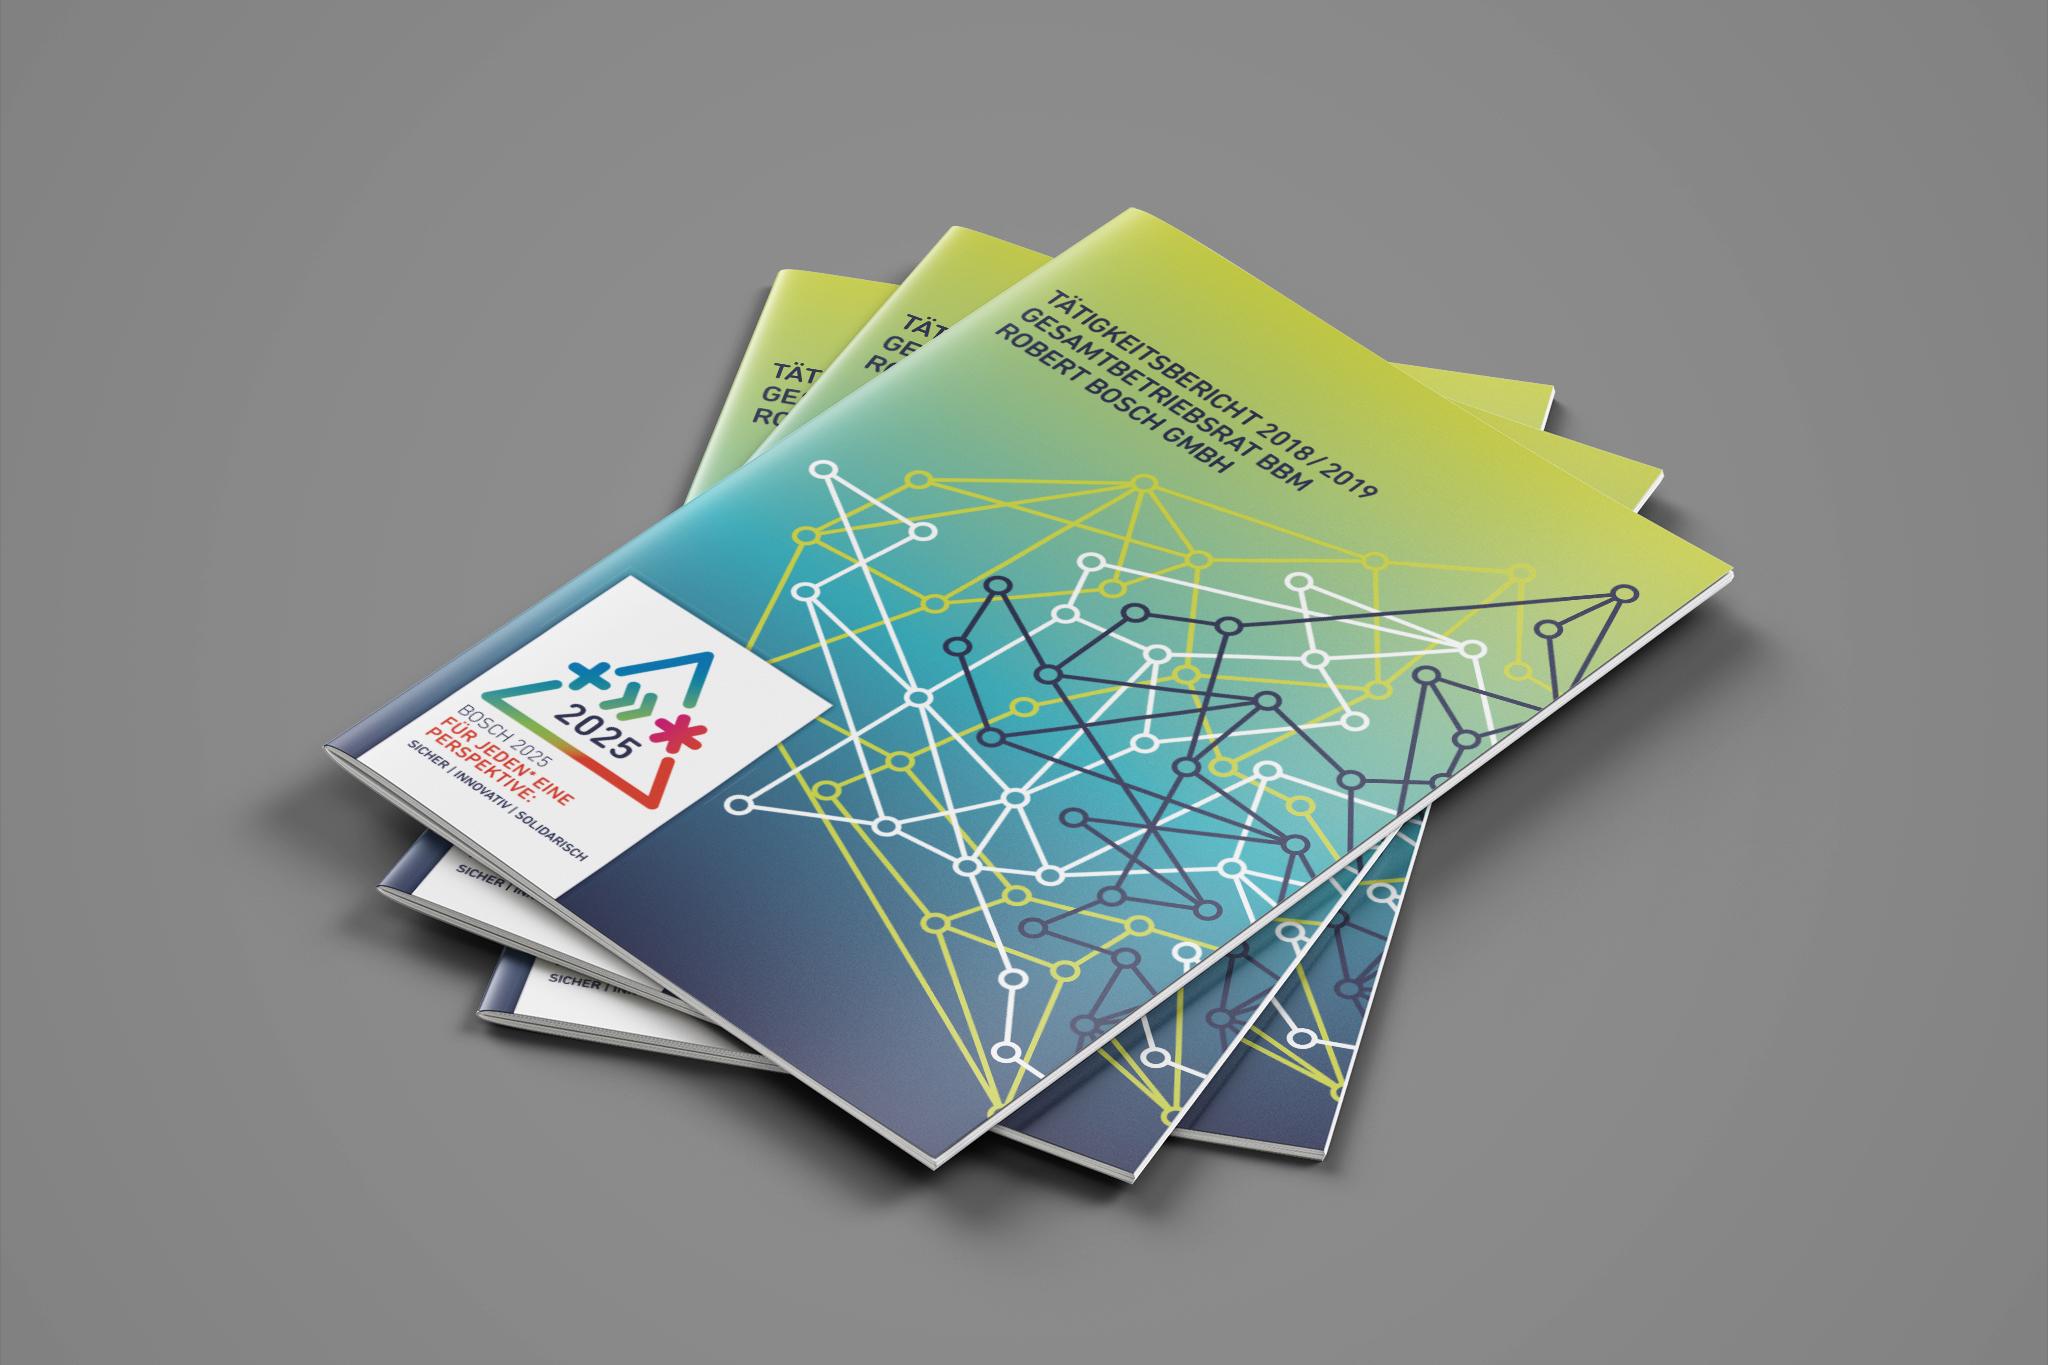 BOSCH Tätigkeitsbericht 2018 | Design: Johannes Willwacher (für OPAK)